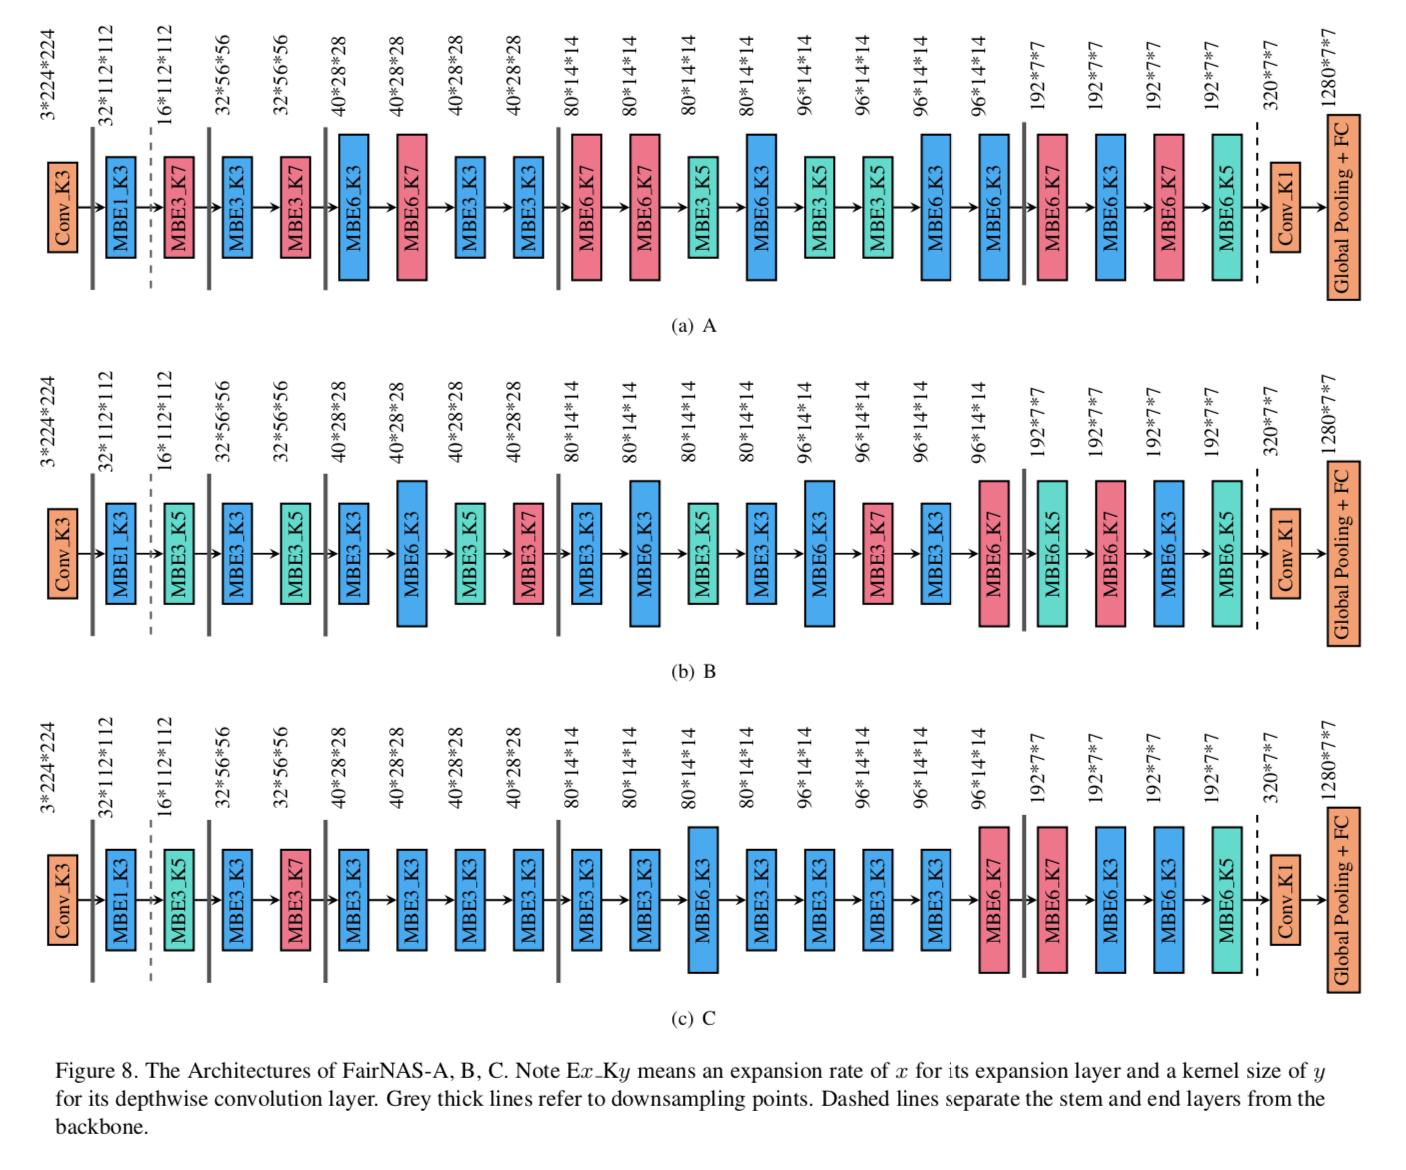 阿里巴巴、百度、小米开源自家SOTA等级的研究